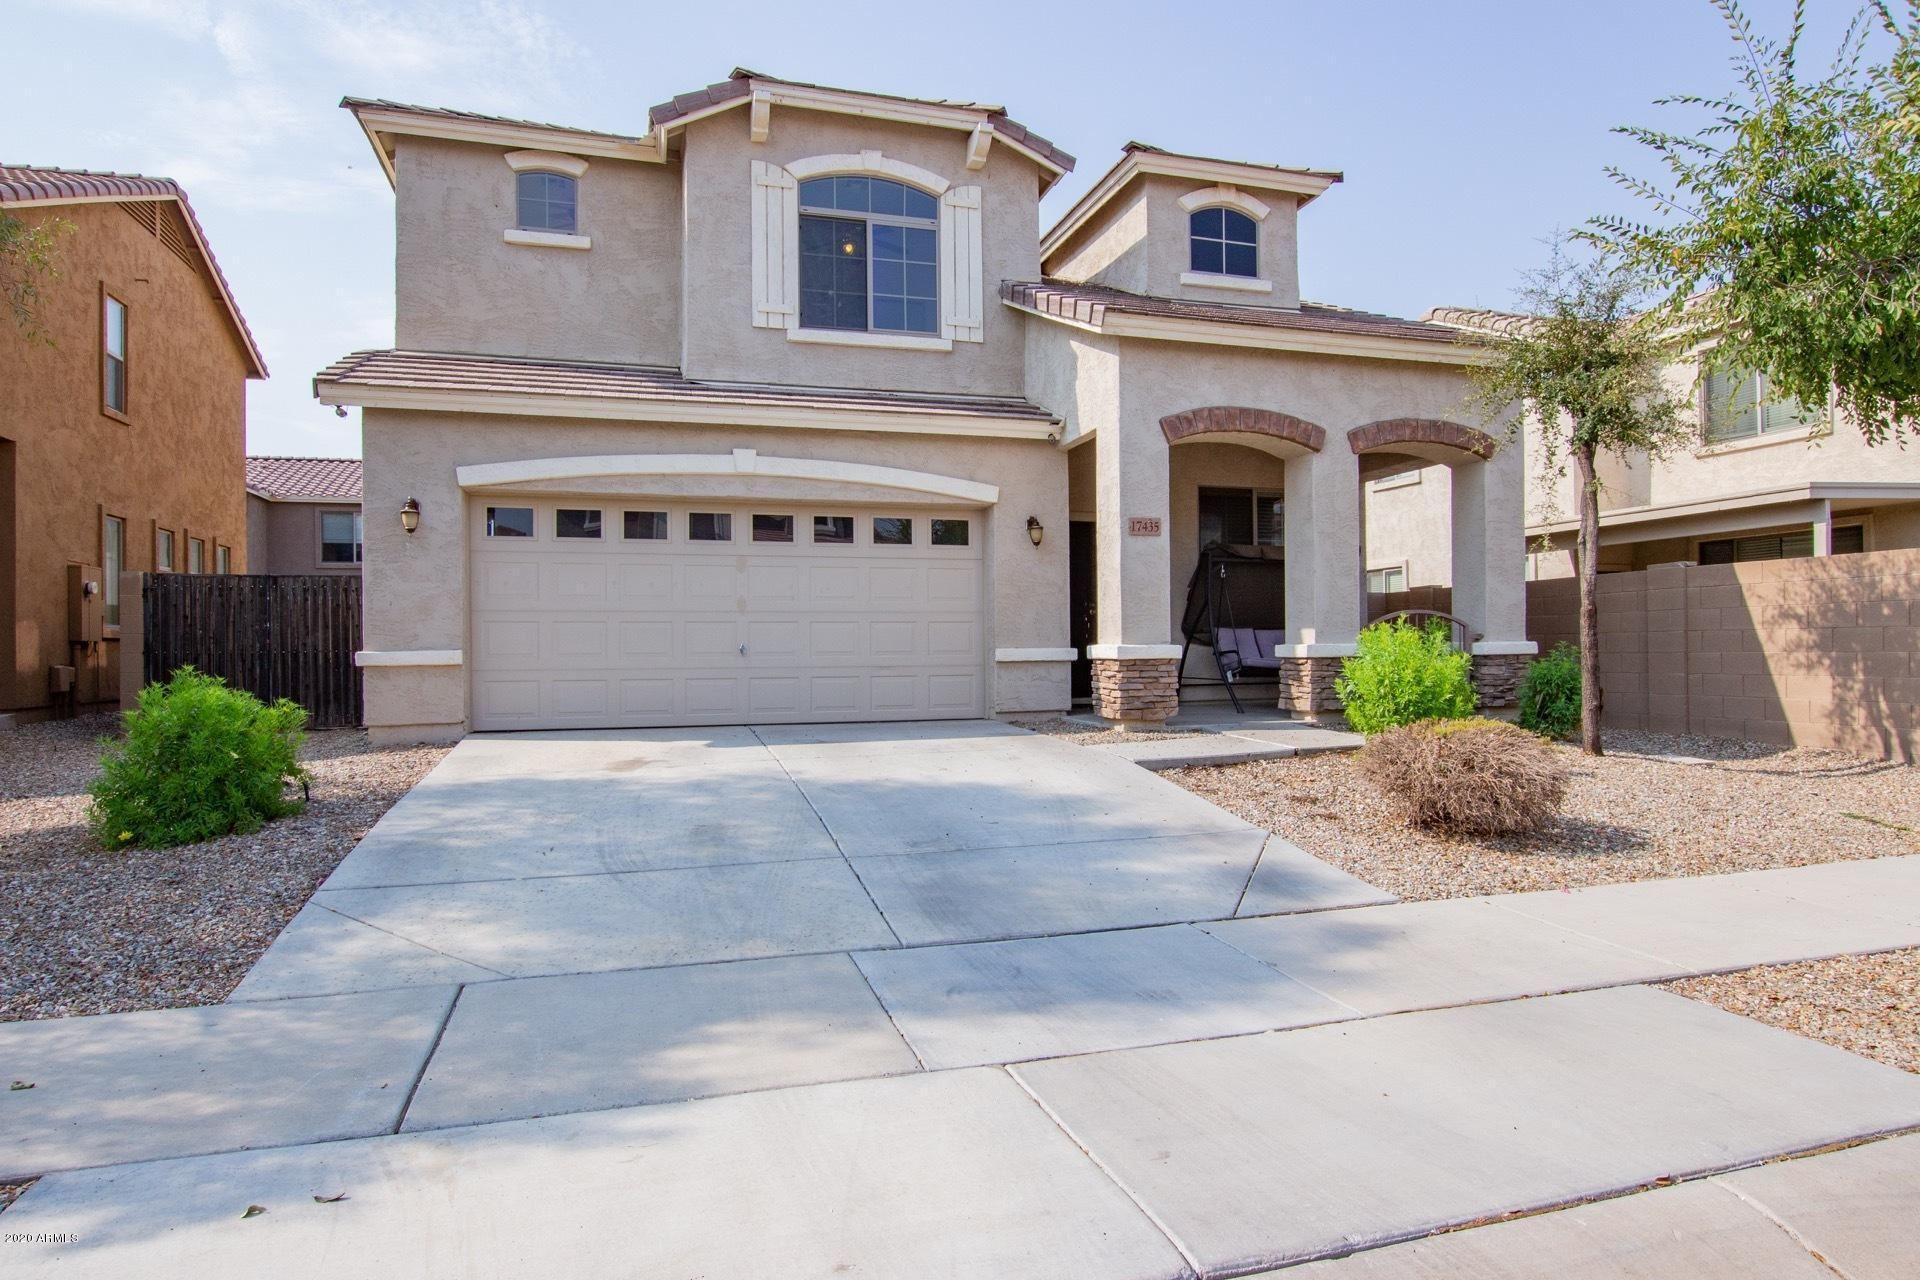 17435 W LISBON Lane, Surprise, AZ 85388 - MLS#: 6122825